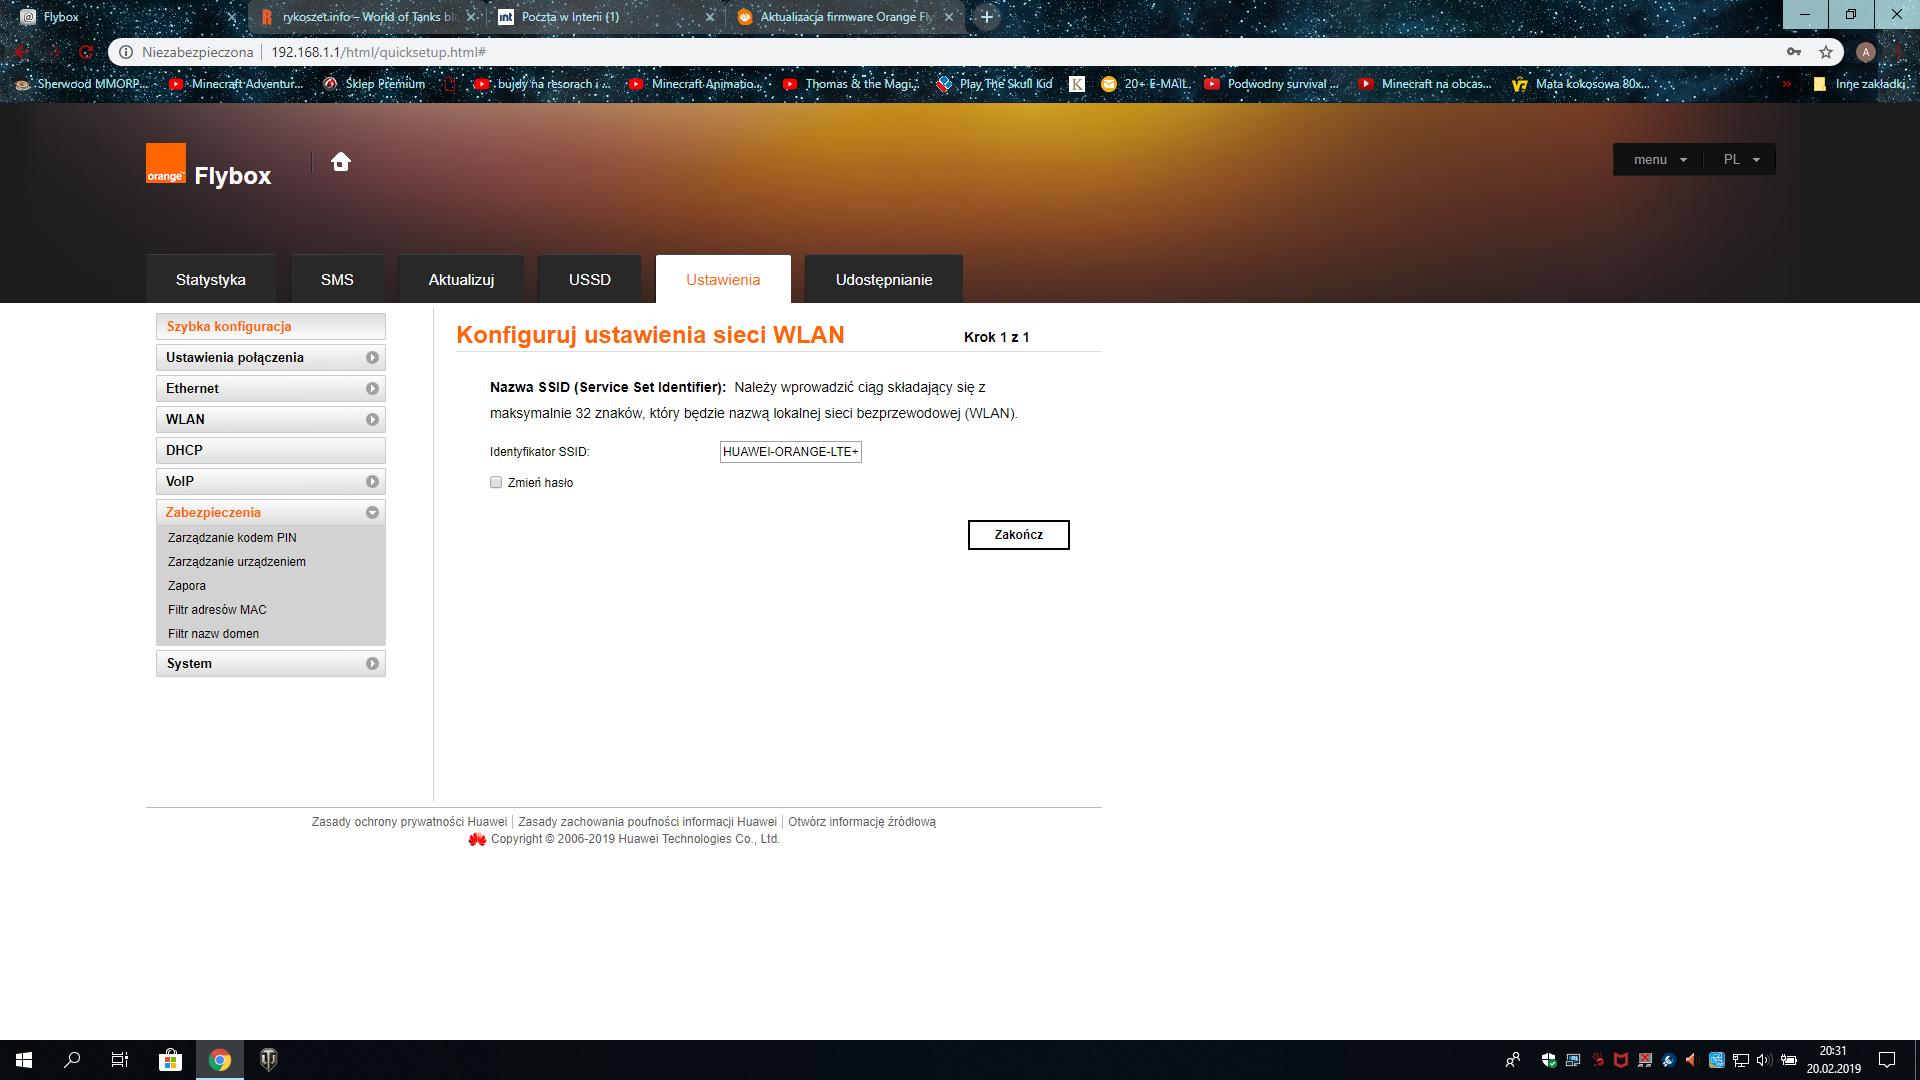 Rozwiązano: Przekierowanie portów Flybox LTE+ czyli Huawei